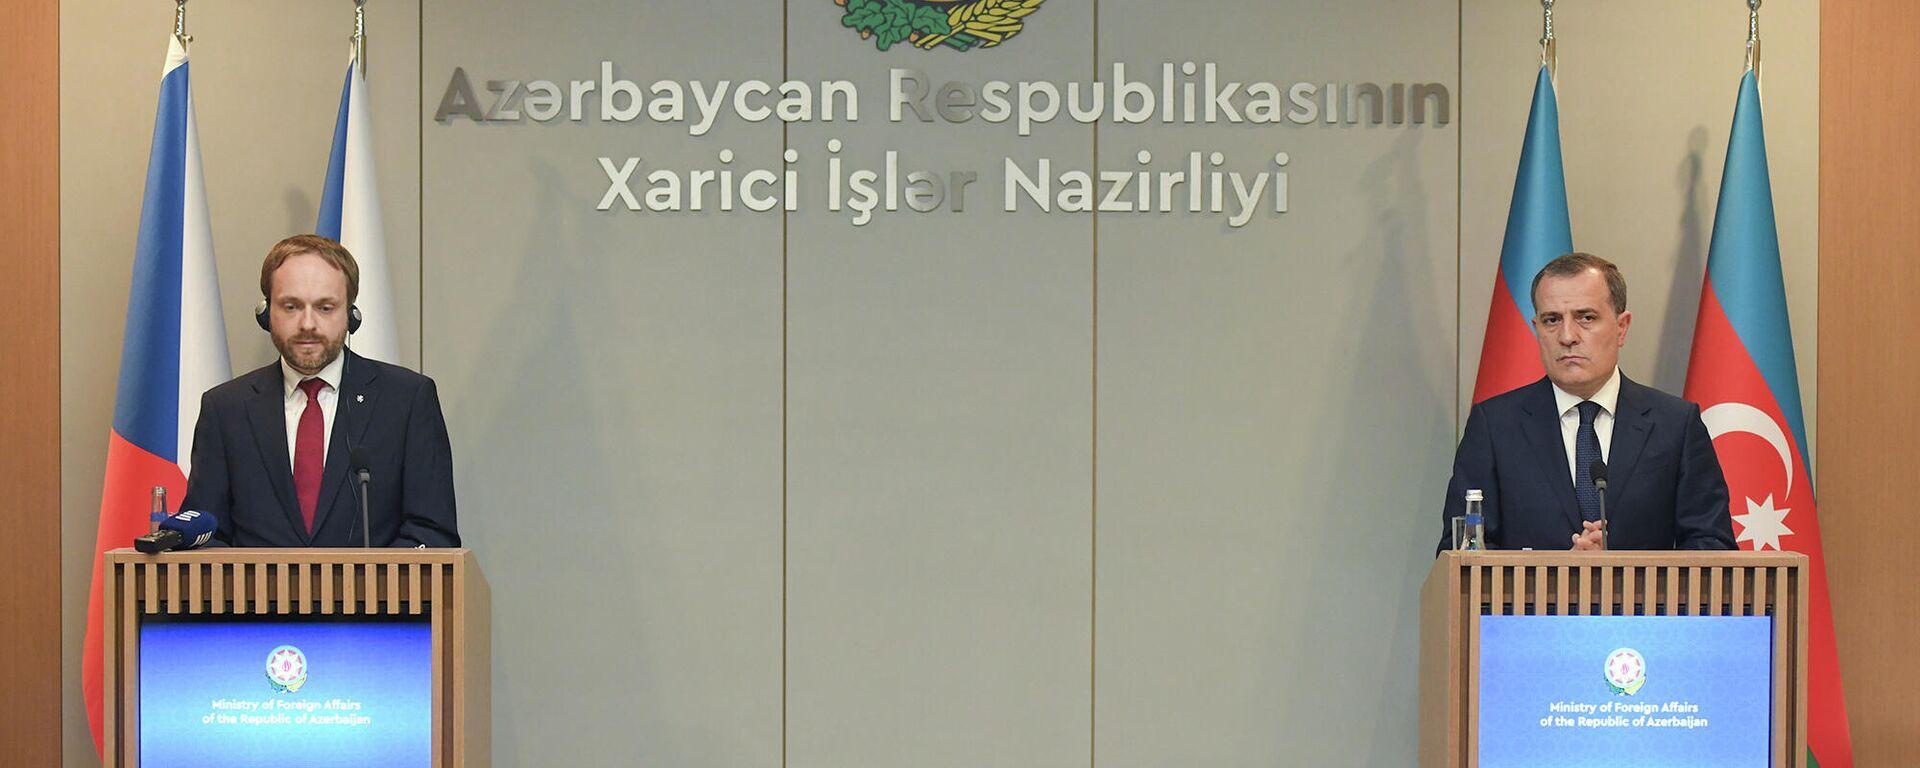 Azərbaycanın Xarici işlər naziri Ceyhun Bayramov çexiyalı həmkarı Yakub Kulhanek ilə  - Sputnik Azərbaycan, 1920, 30.09.2021